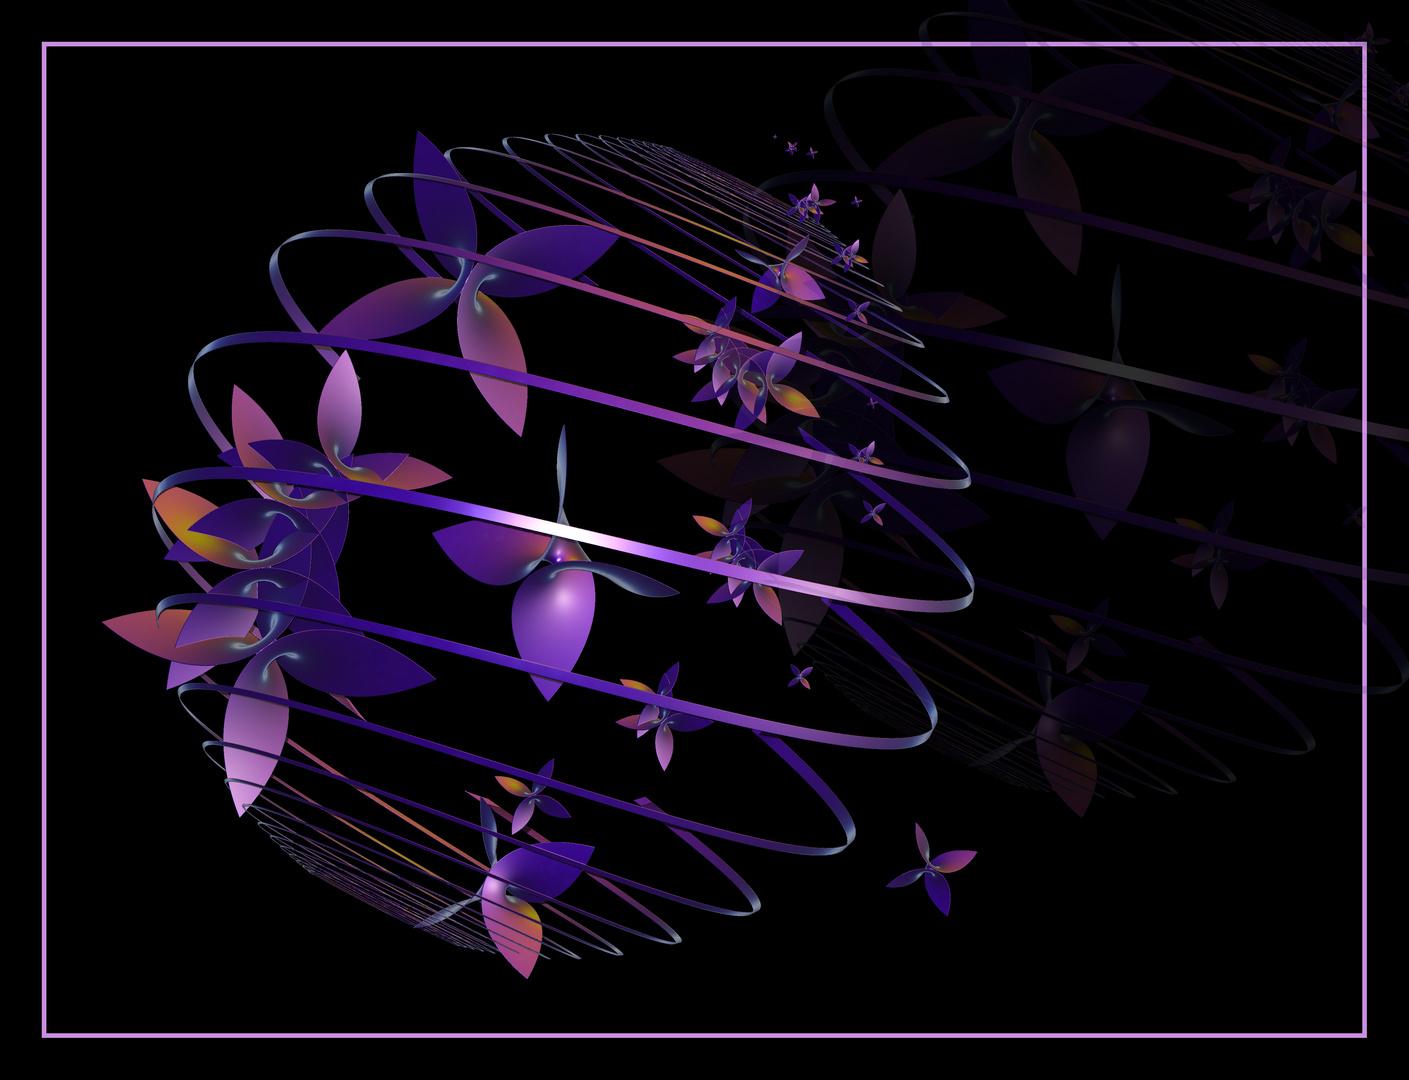 Incendia - Blumengruß